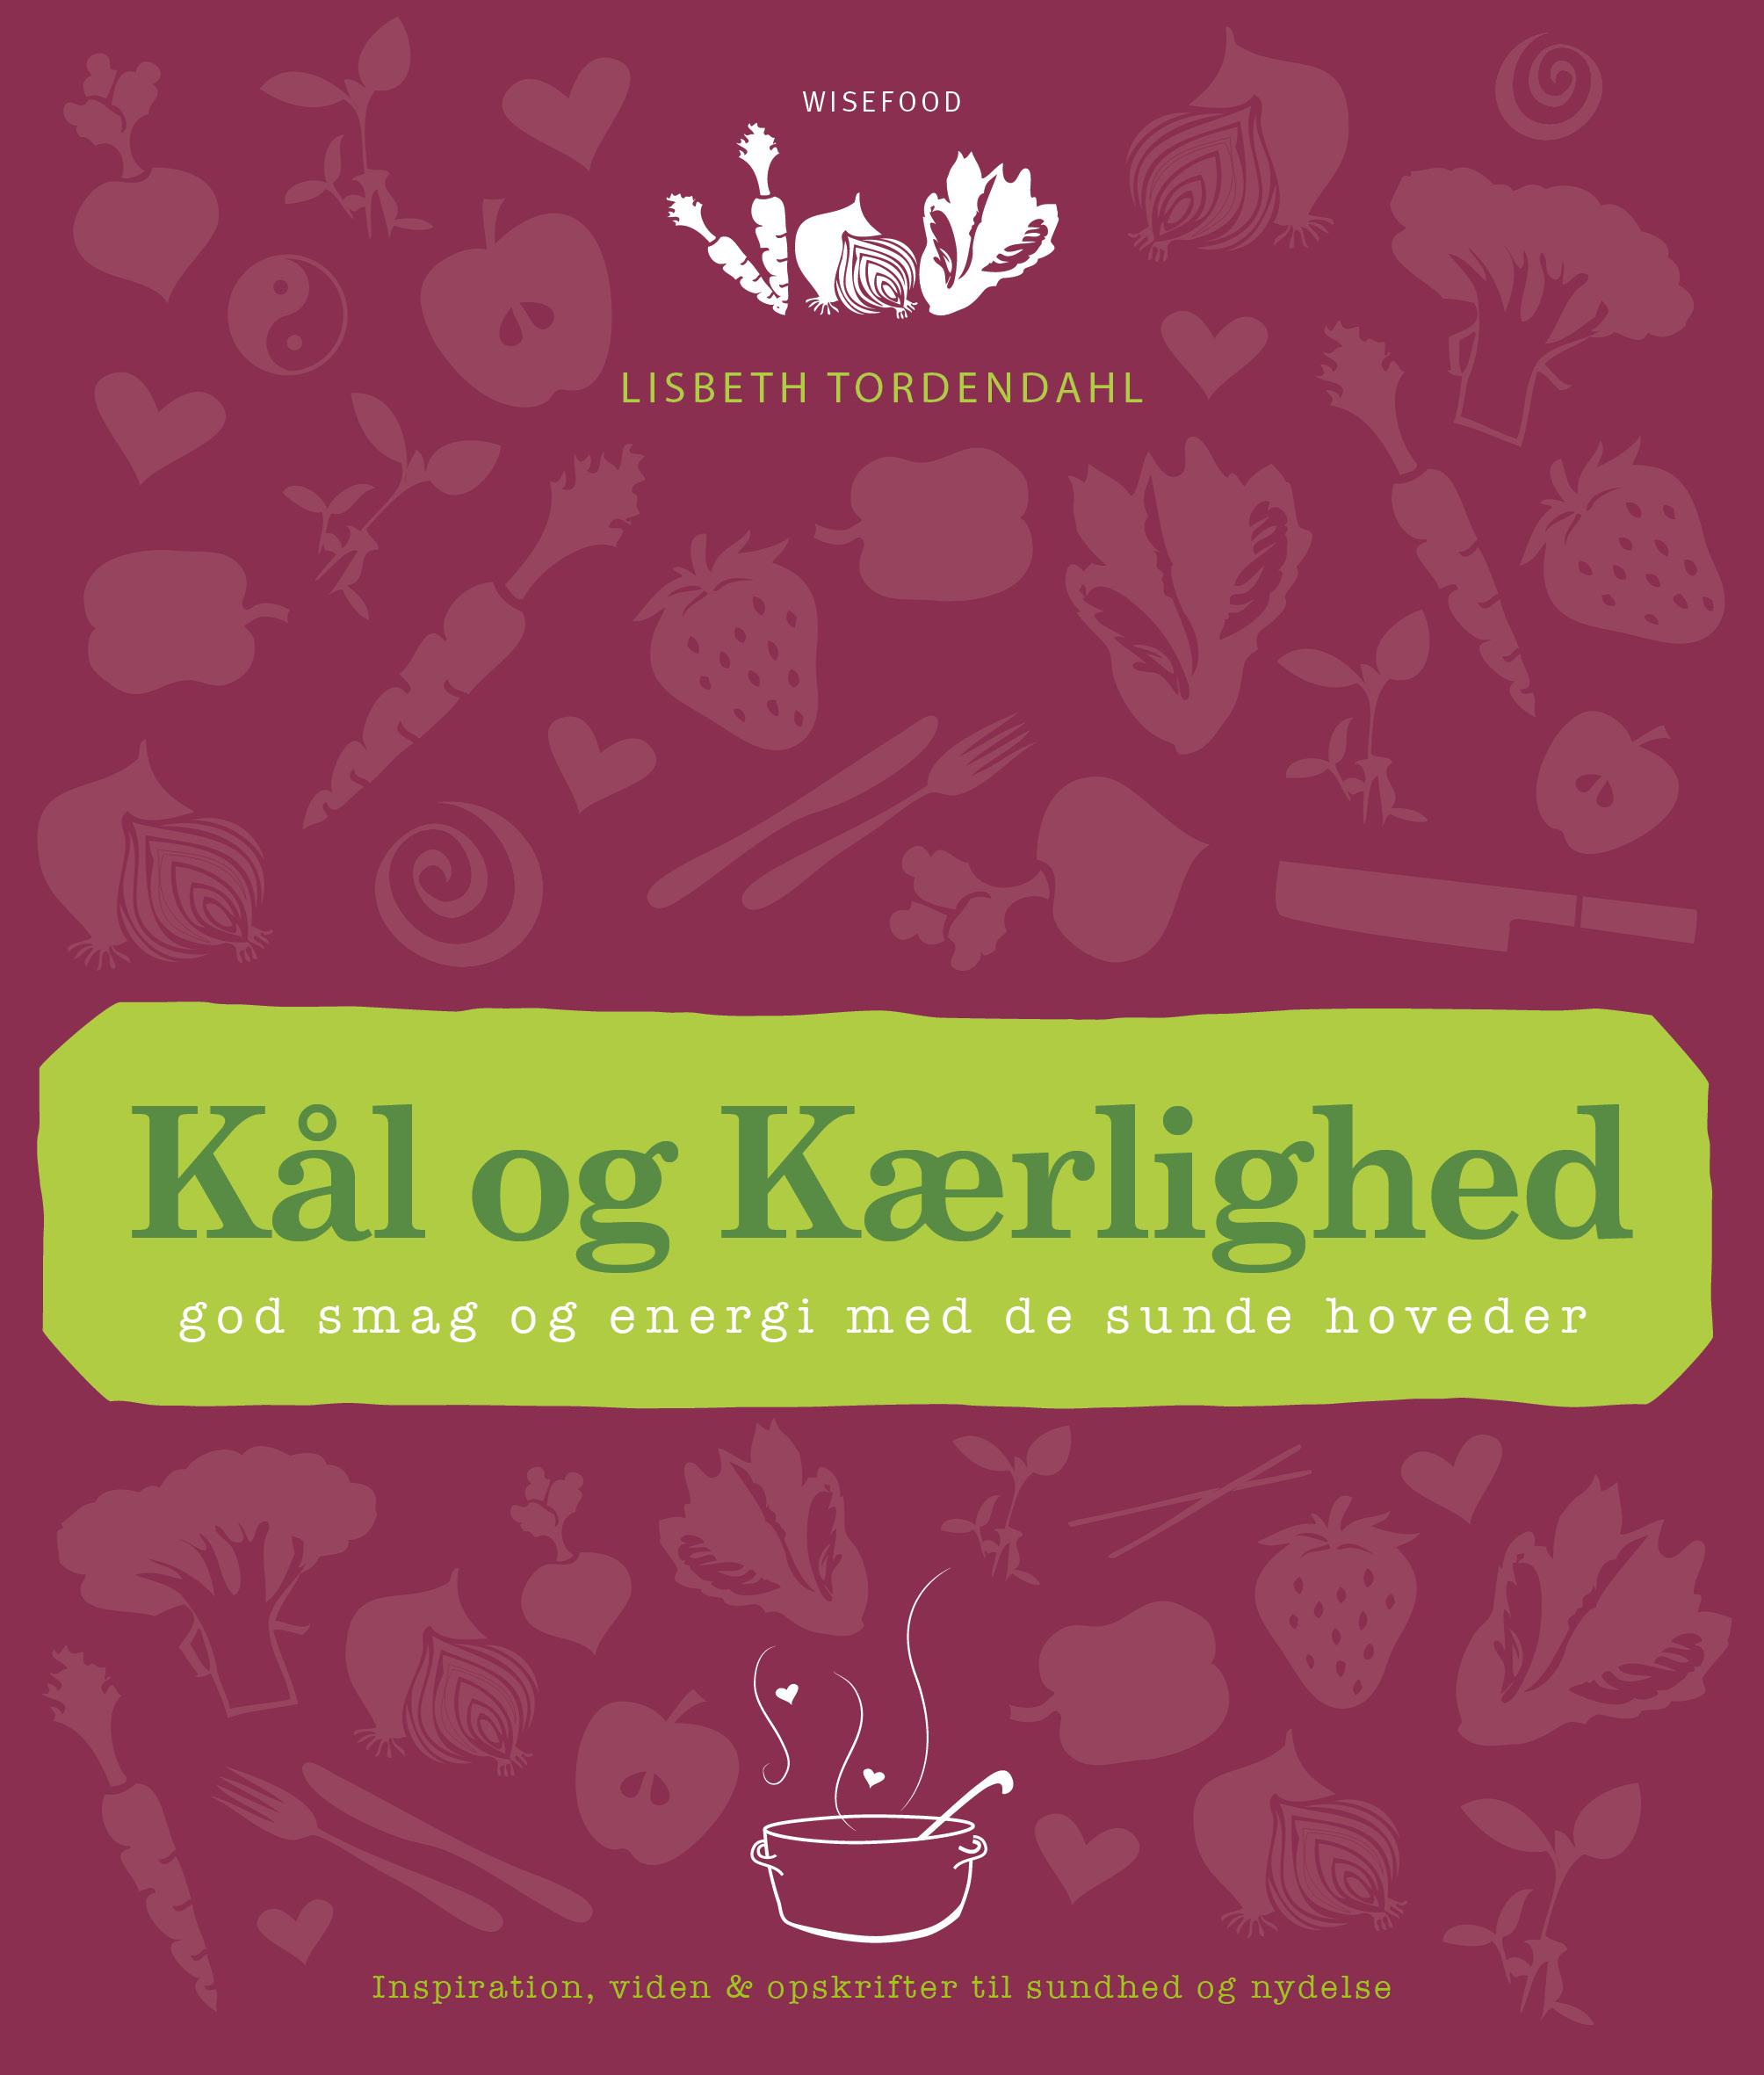 Kål og kærlighed - e-bog fra N/A på bog & mystik